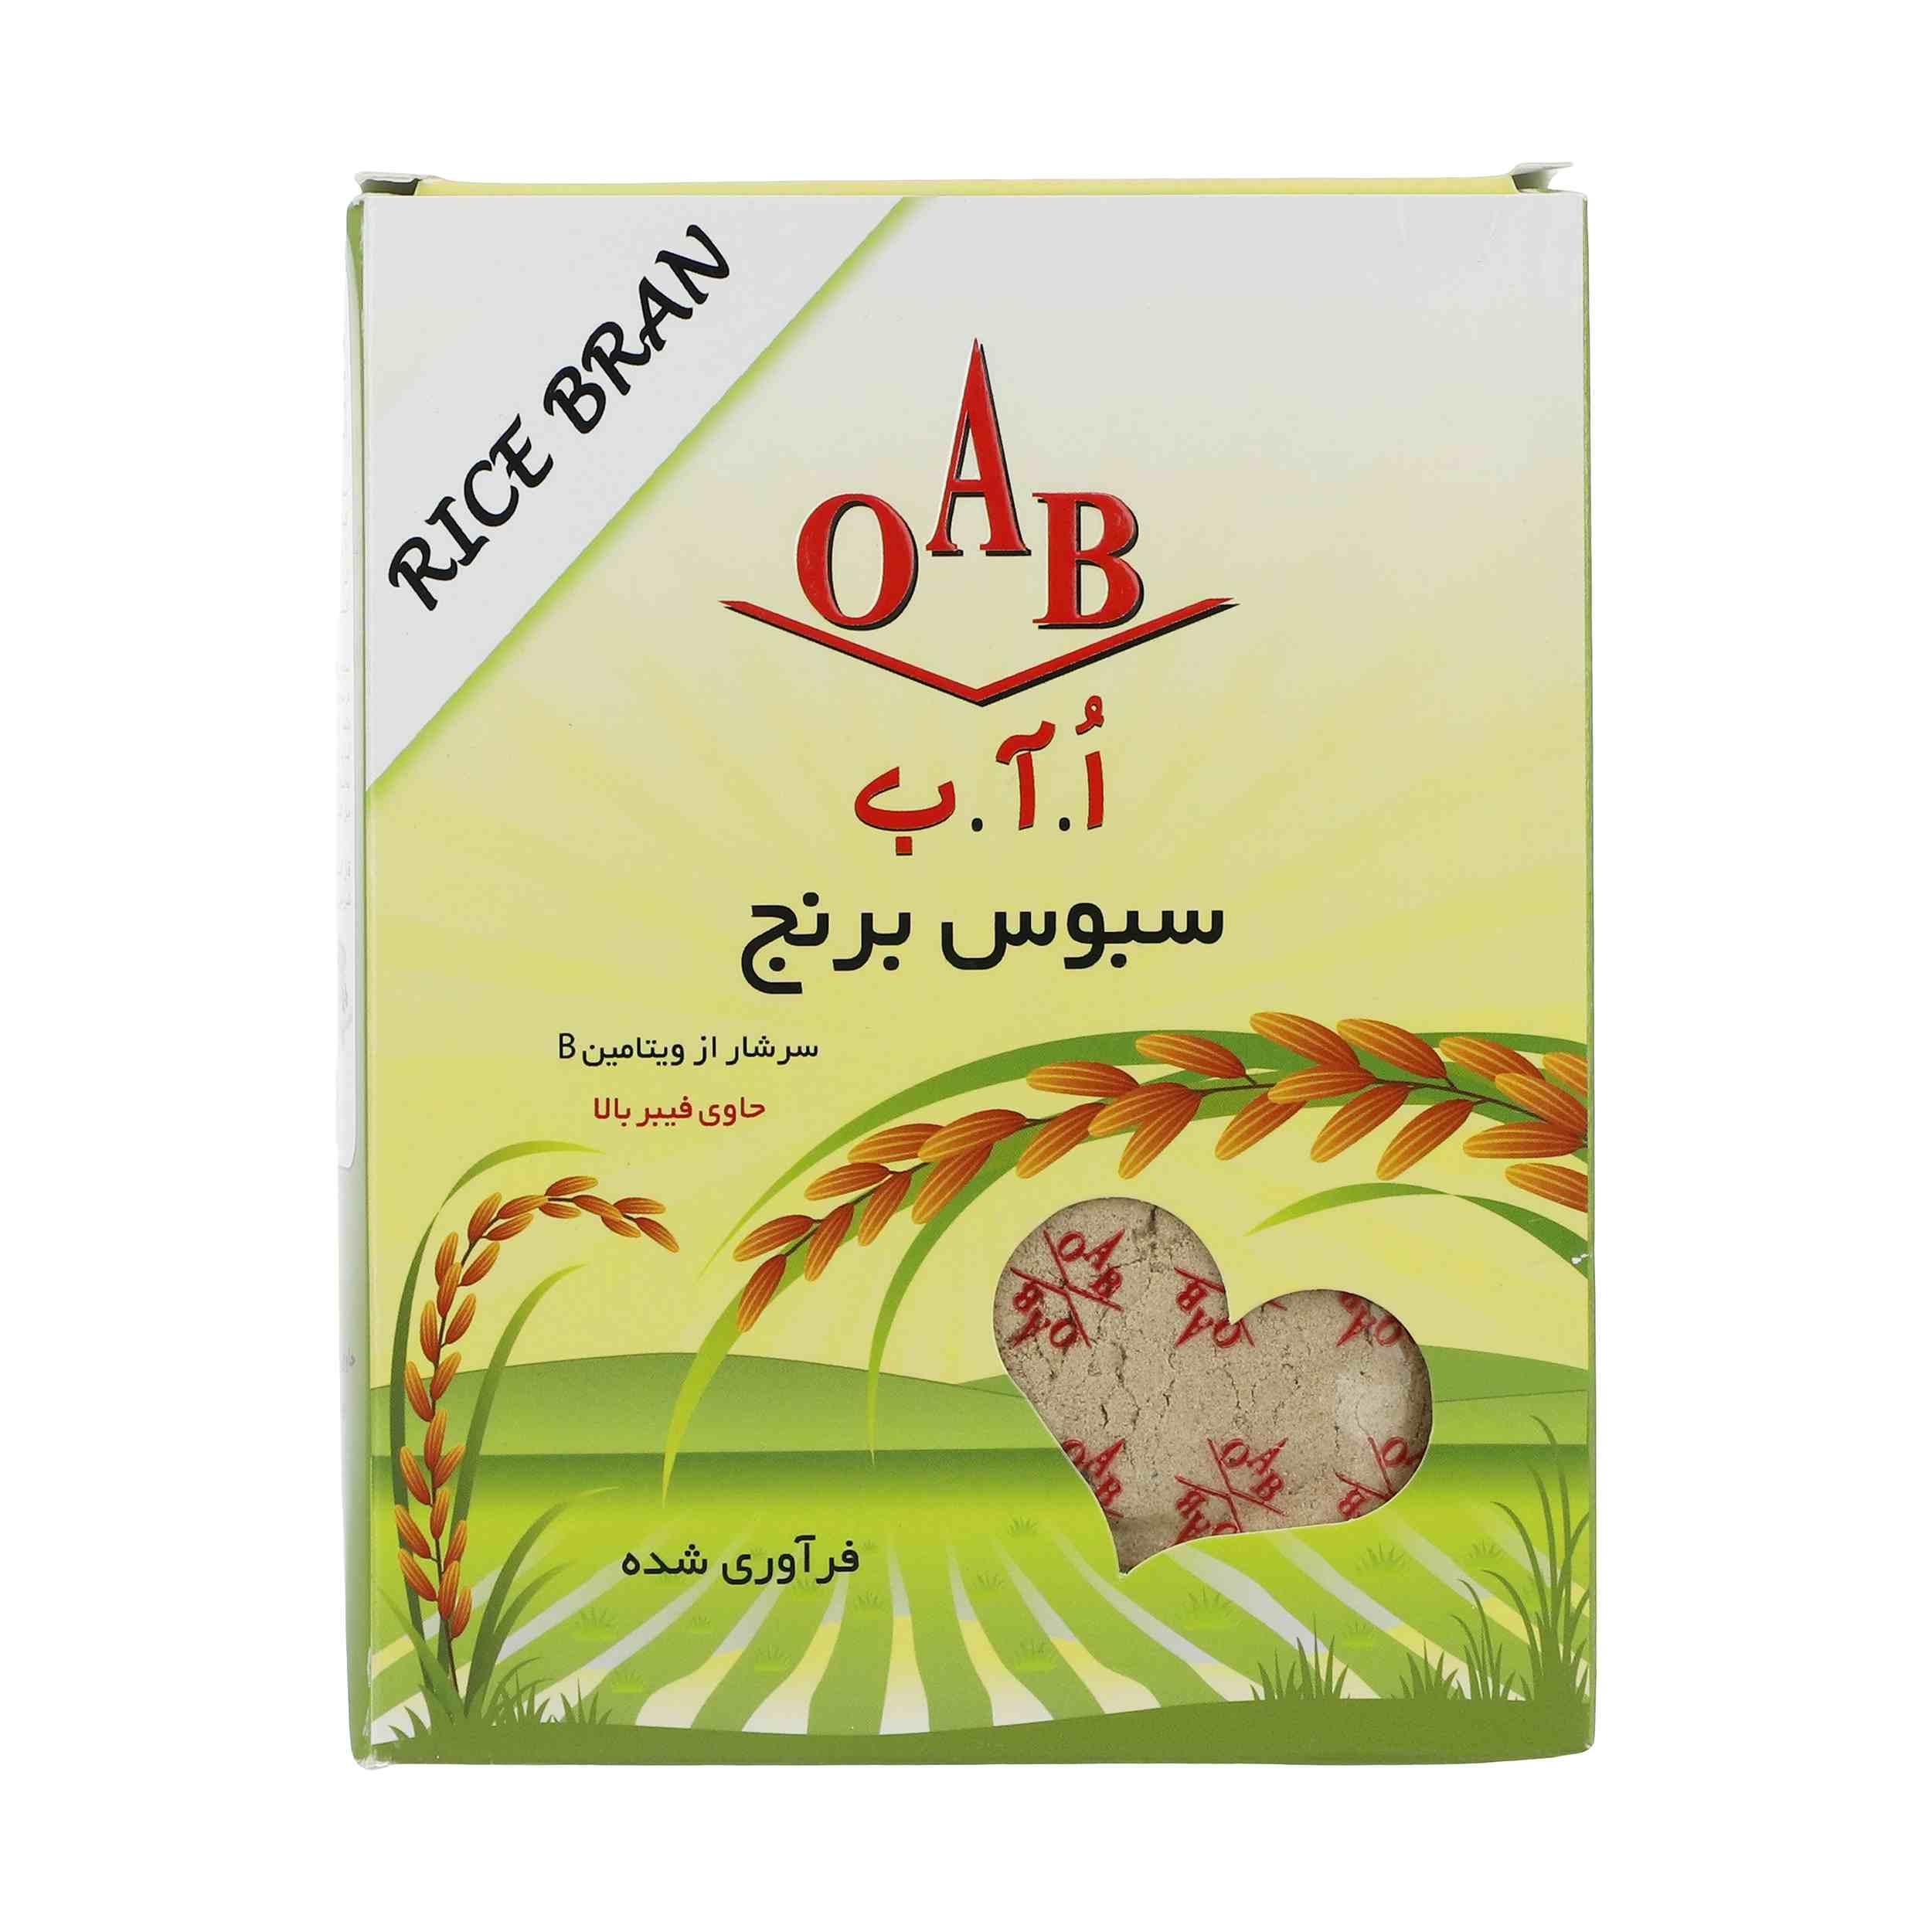 خرید سبوس برنج ارزان قیمت + 6 مدل با کیفیت